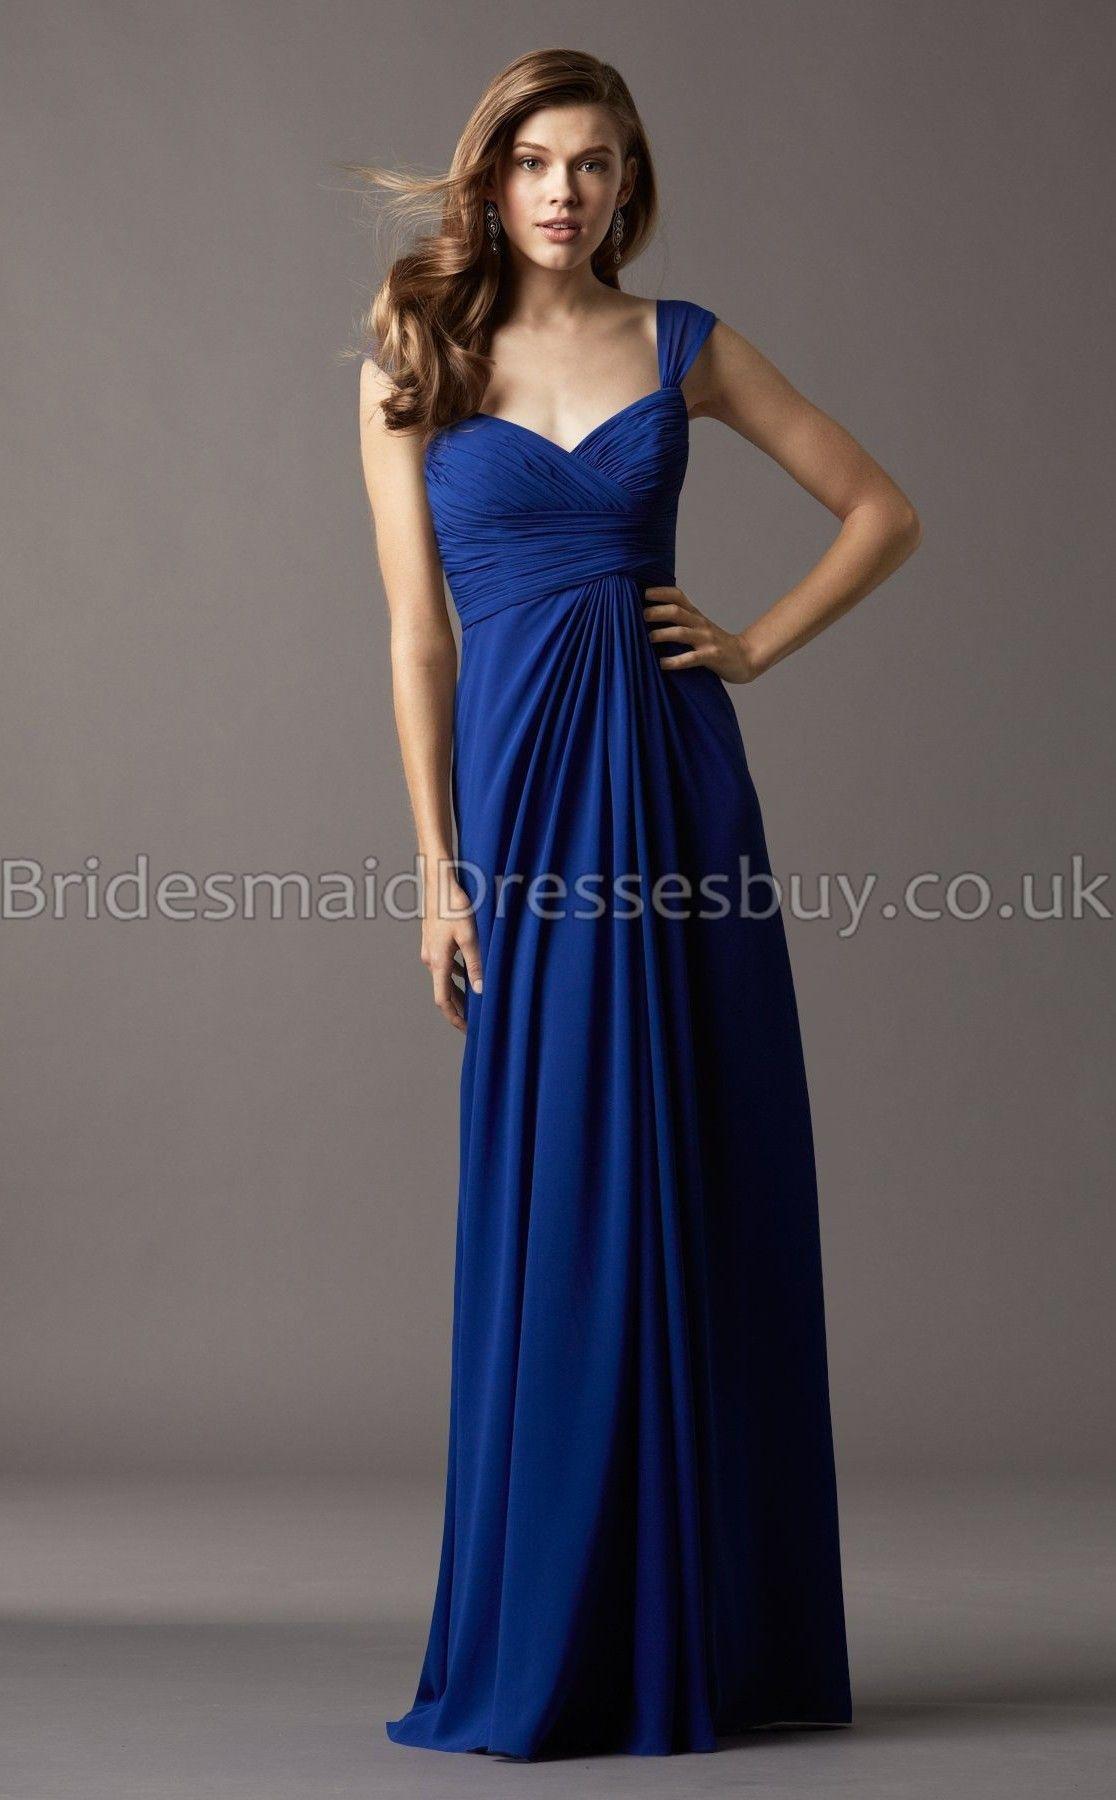 20 Einzigartig Kleid Royalblau Hochzeit für 2019 Genial Kleid Royalblau Hochzeit Design